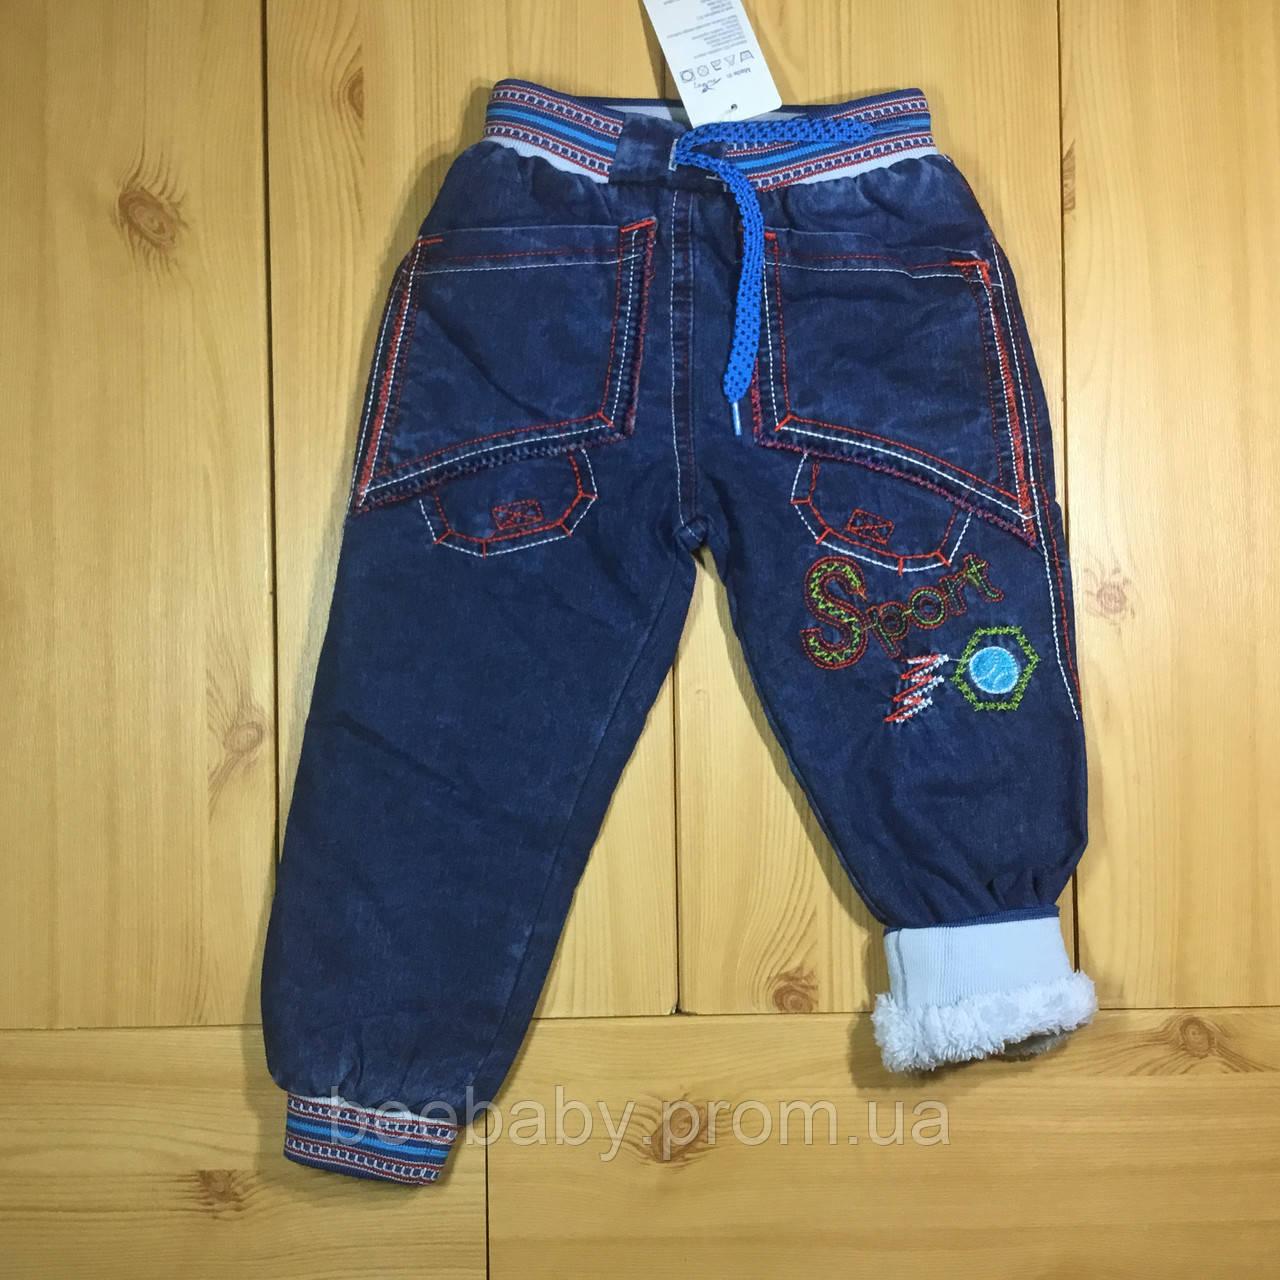 9b0b693ccf66362 Детский теплые джинсы на травке (махре) для мальчика рр. 92-122 Beebaby